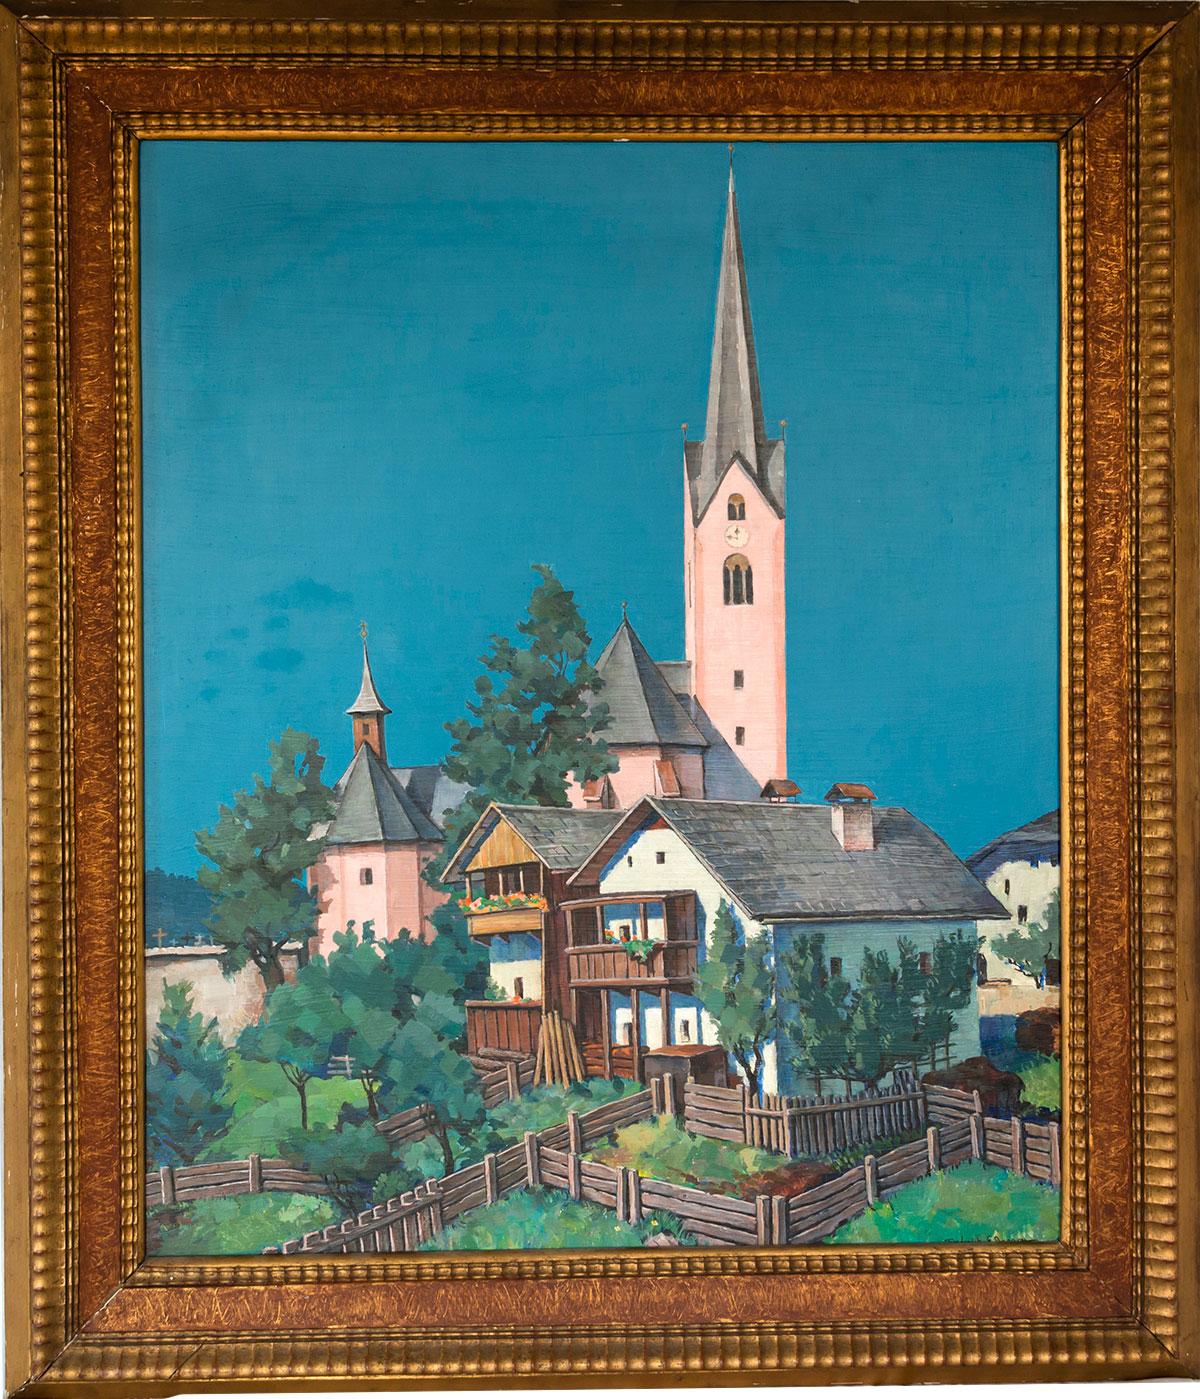 Sillian, an Austrian Village